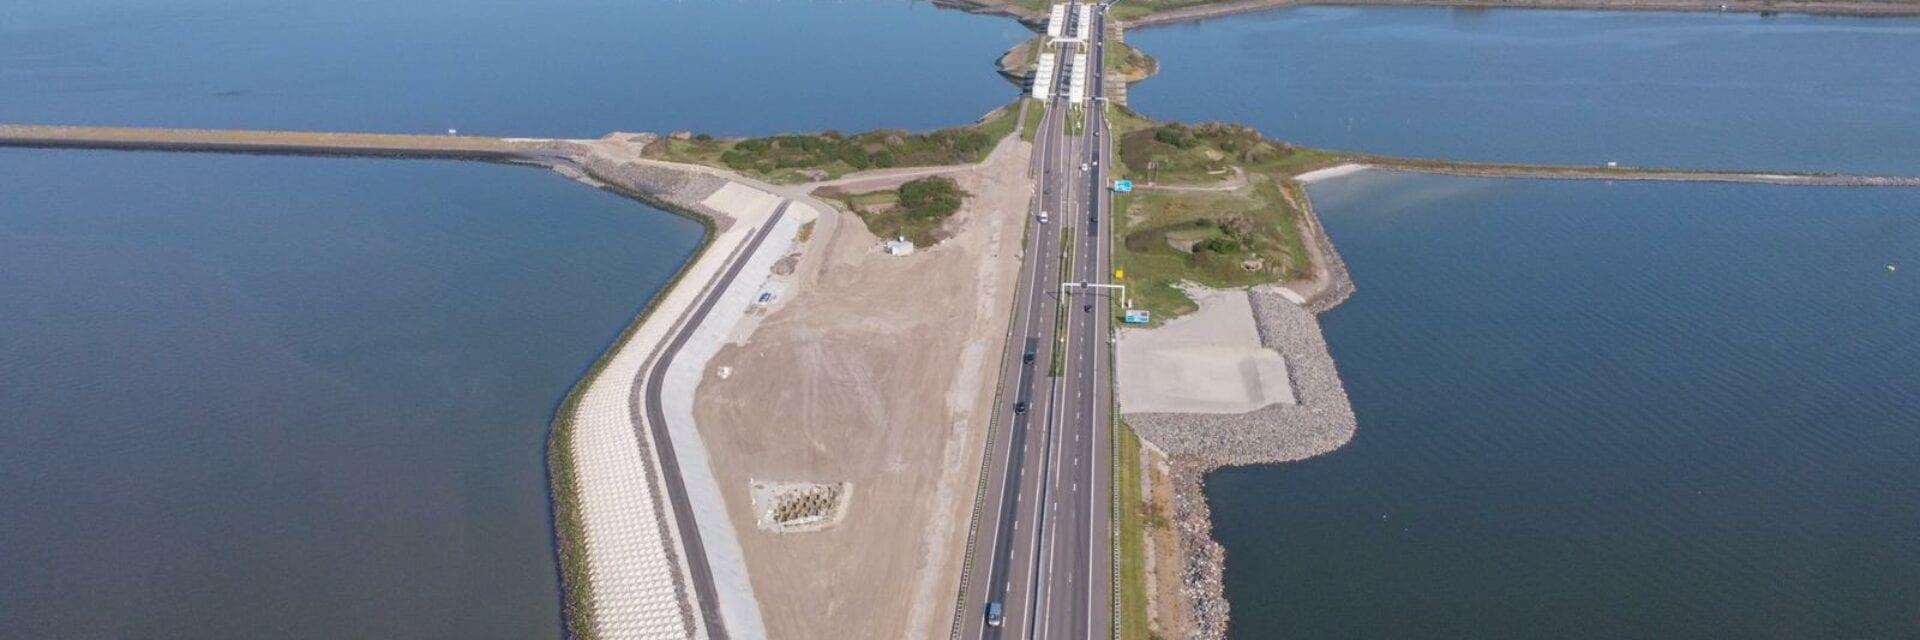 Je ziet een luchtfoto van de Afsluitdijk. Der weg loopt recht naar boven met aan het einde een bocht naar links. De Afsluitdijk wordt omringt door water.